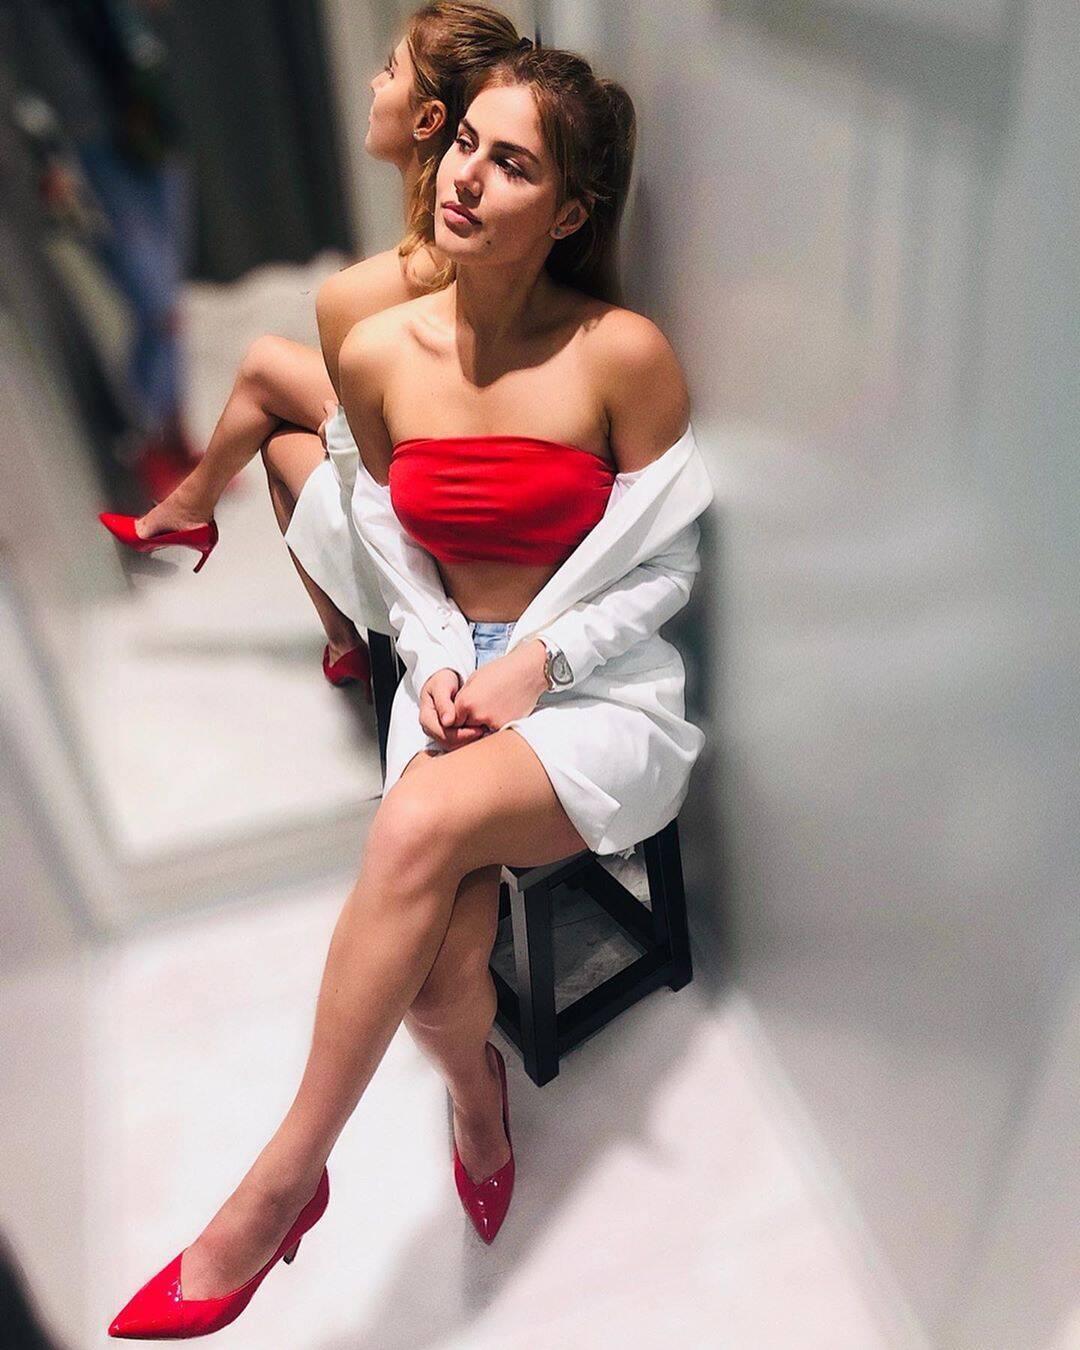 Анна Сугак сфотографировалась в примерочной